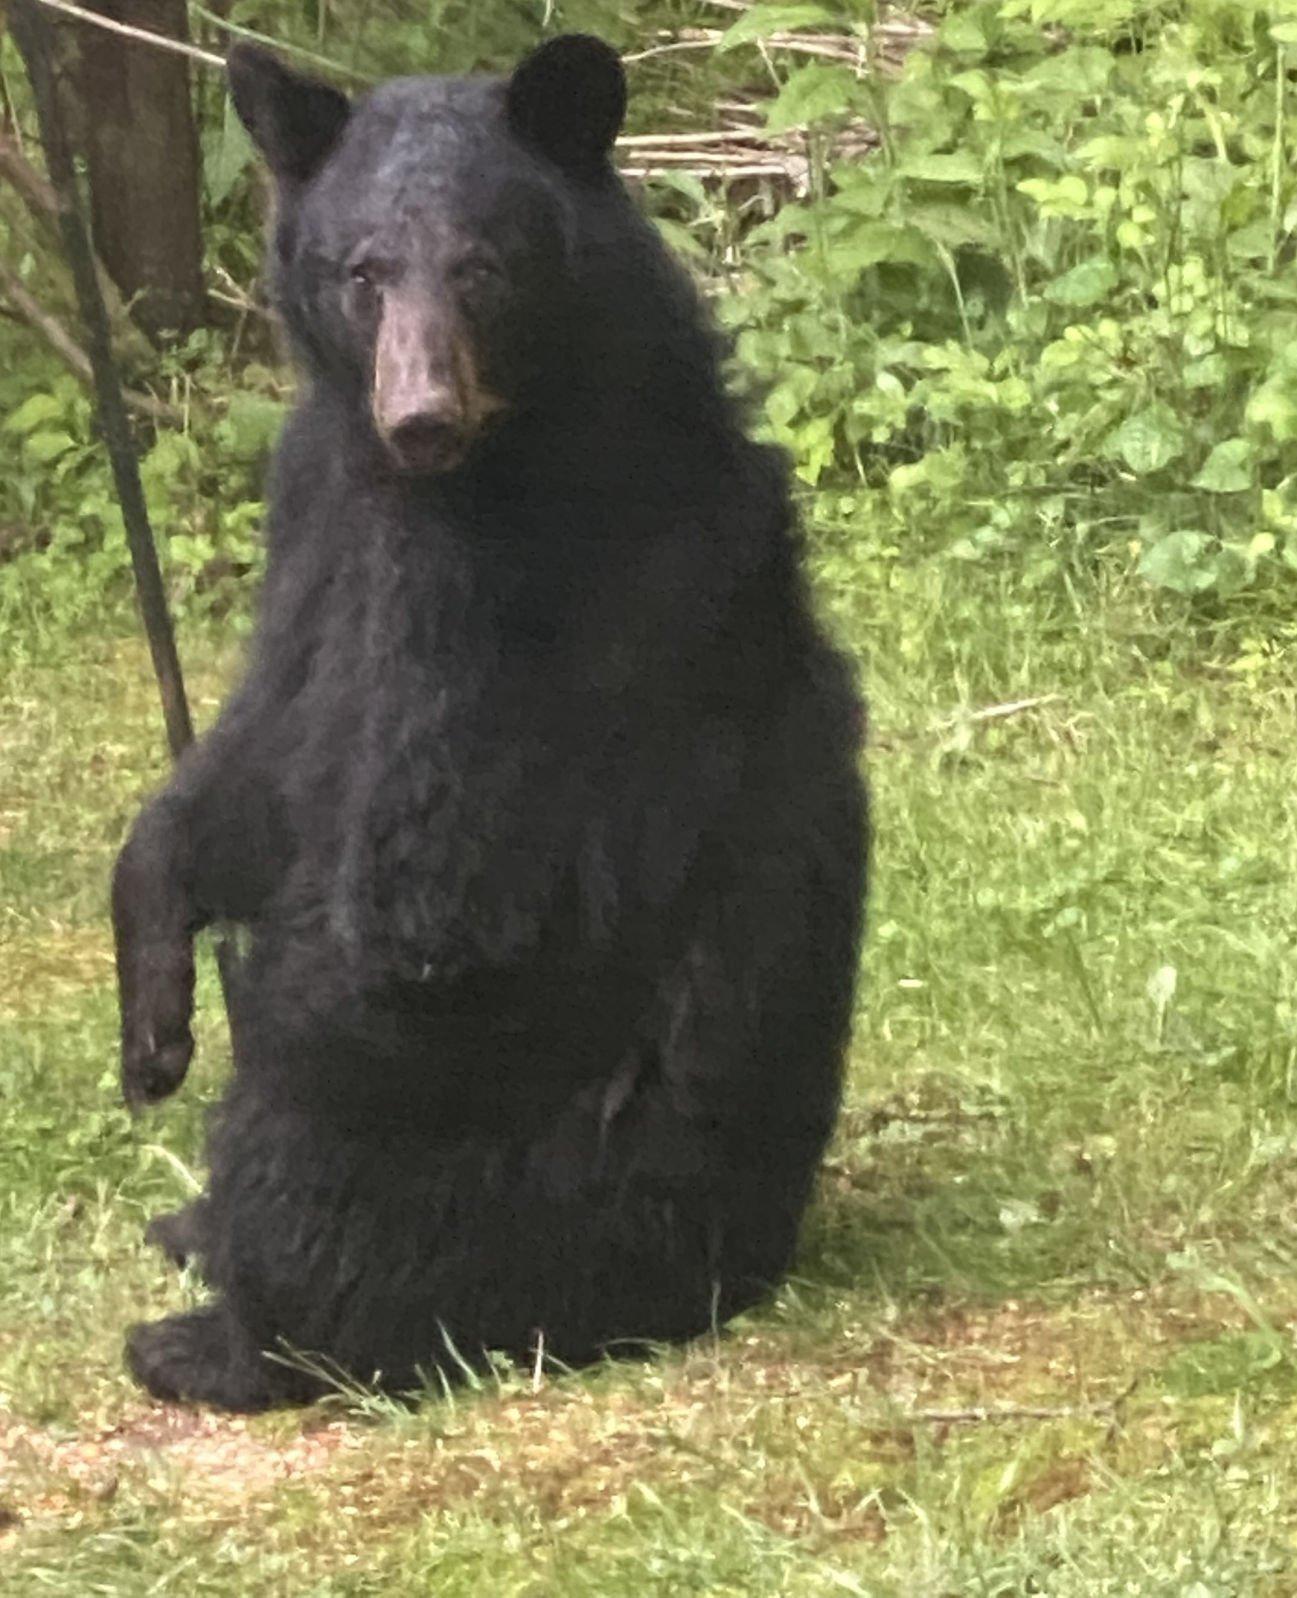 Three-legged bear in Lansing, NC